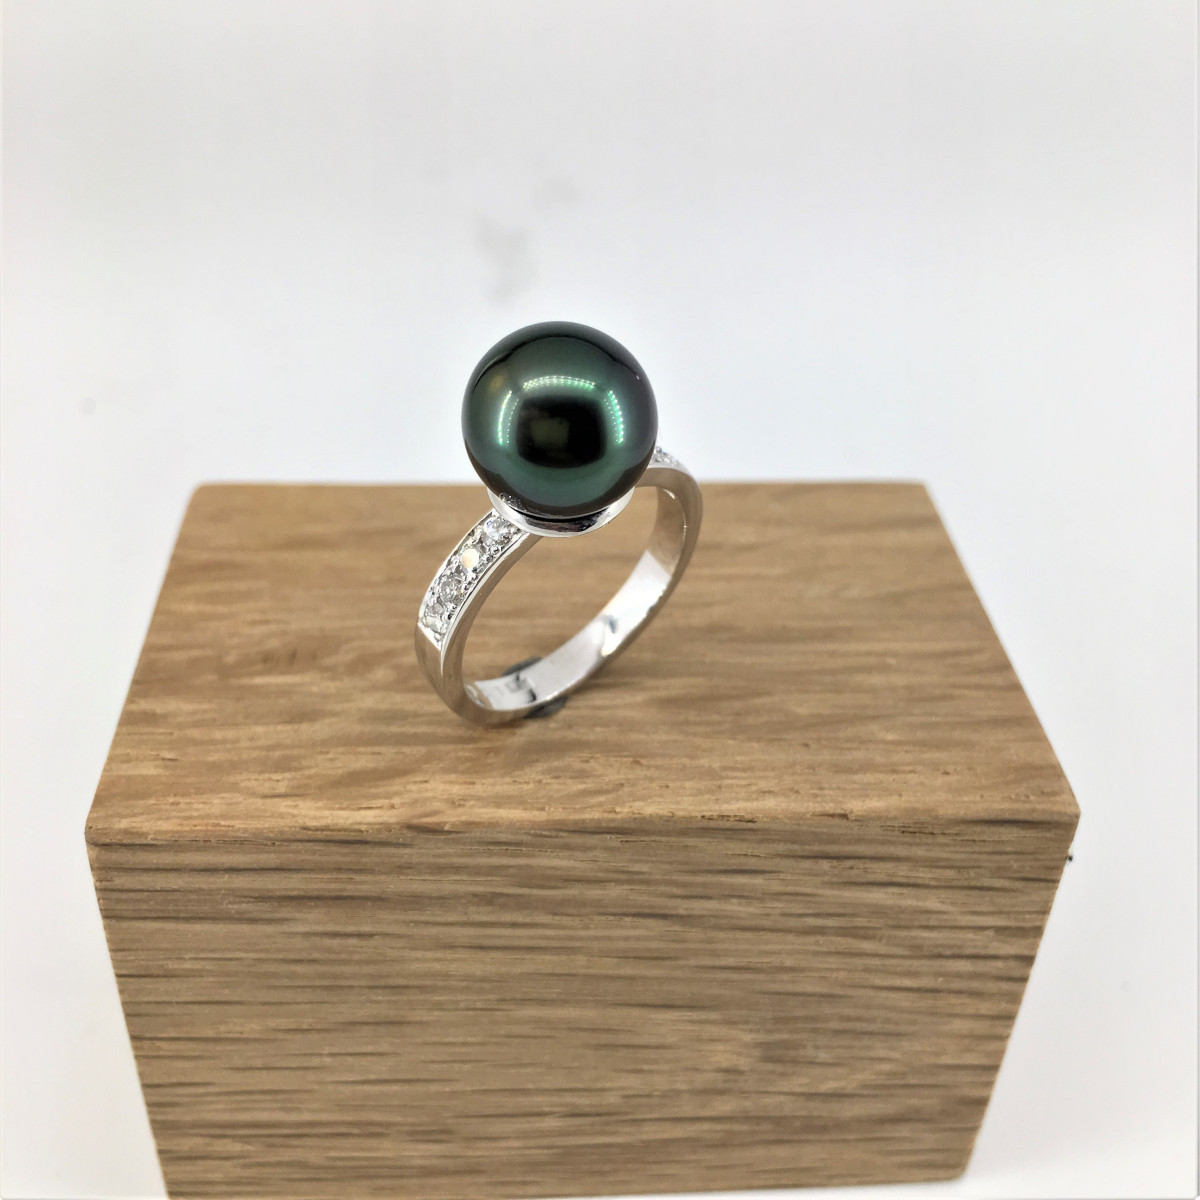 pärlring, tahitipärla, gröna pärlor, diamantring